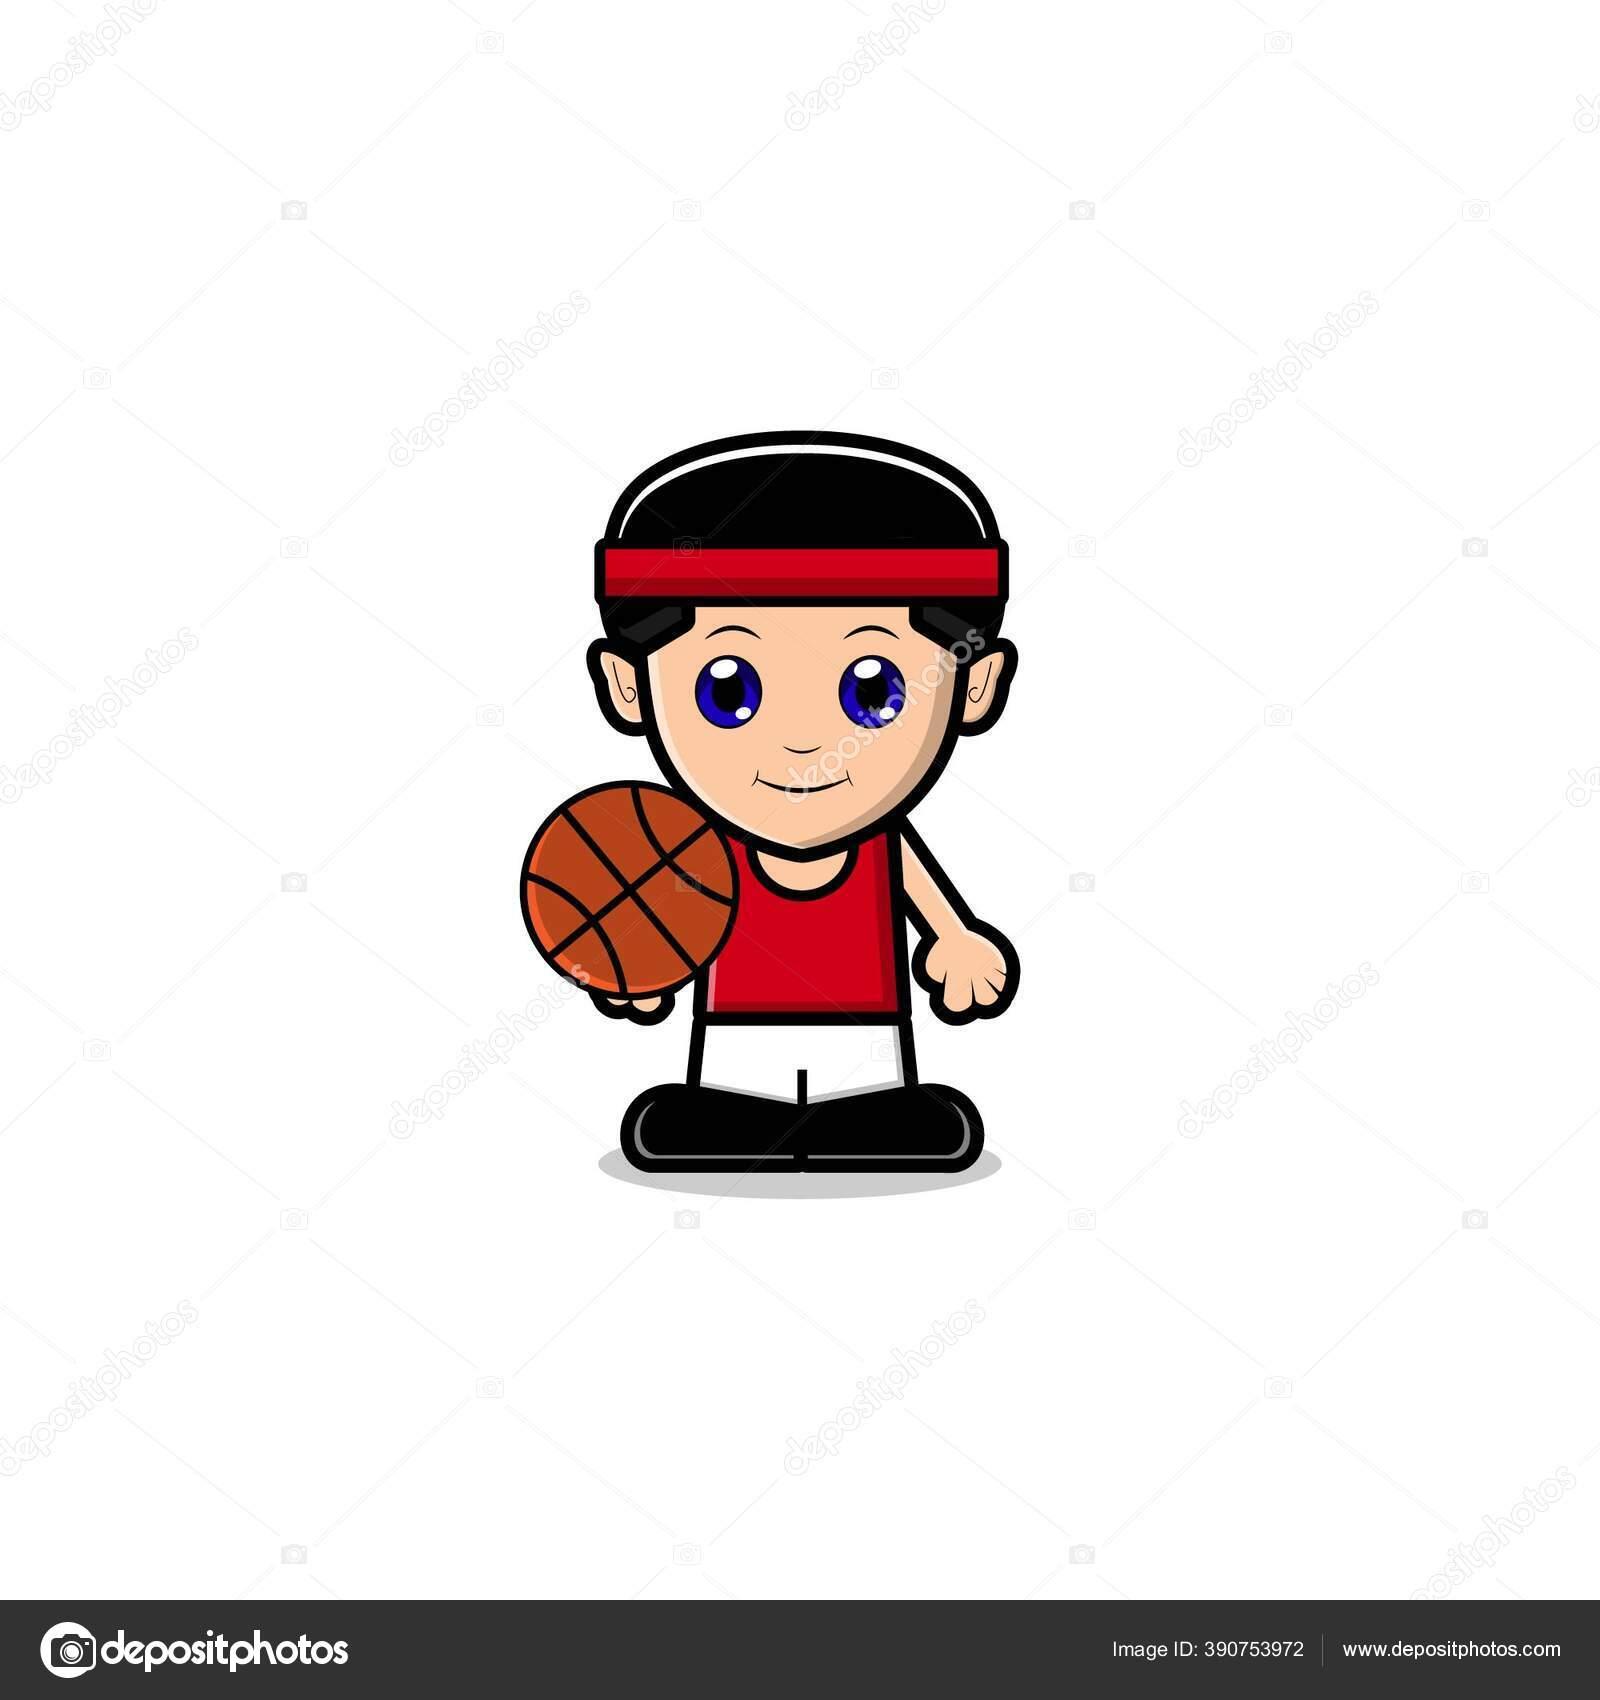 Koleksi Anak Laki Laki Yang Lucu Desain Gambar Kartun Vektor Stok Vektor C Adityahanafi1116 Gmail Com 390753972